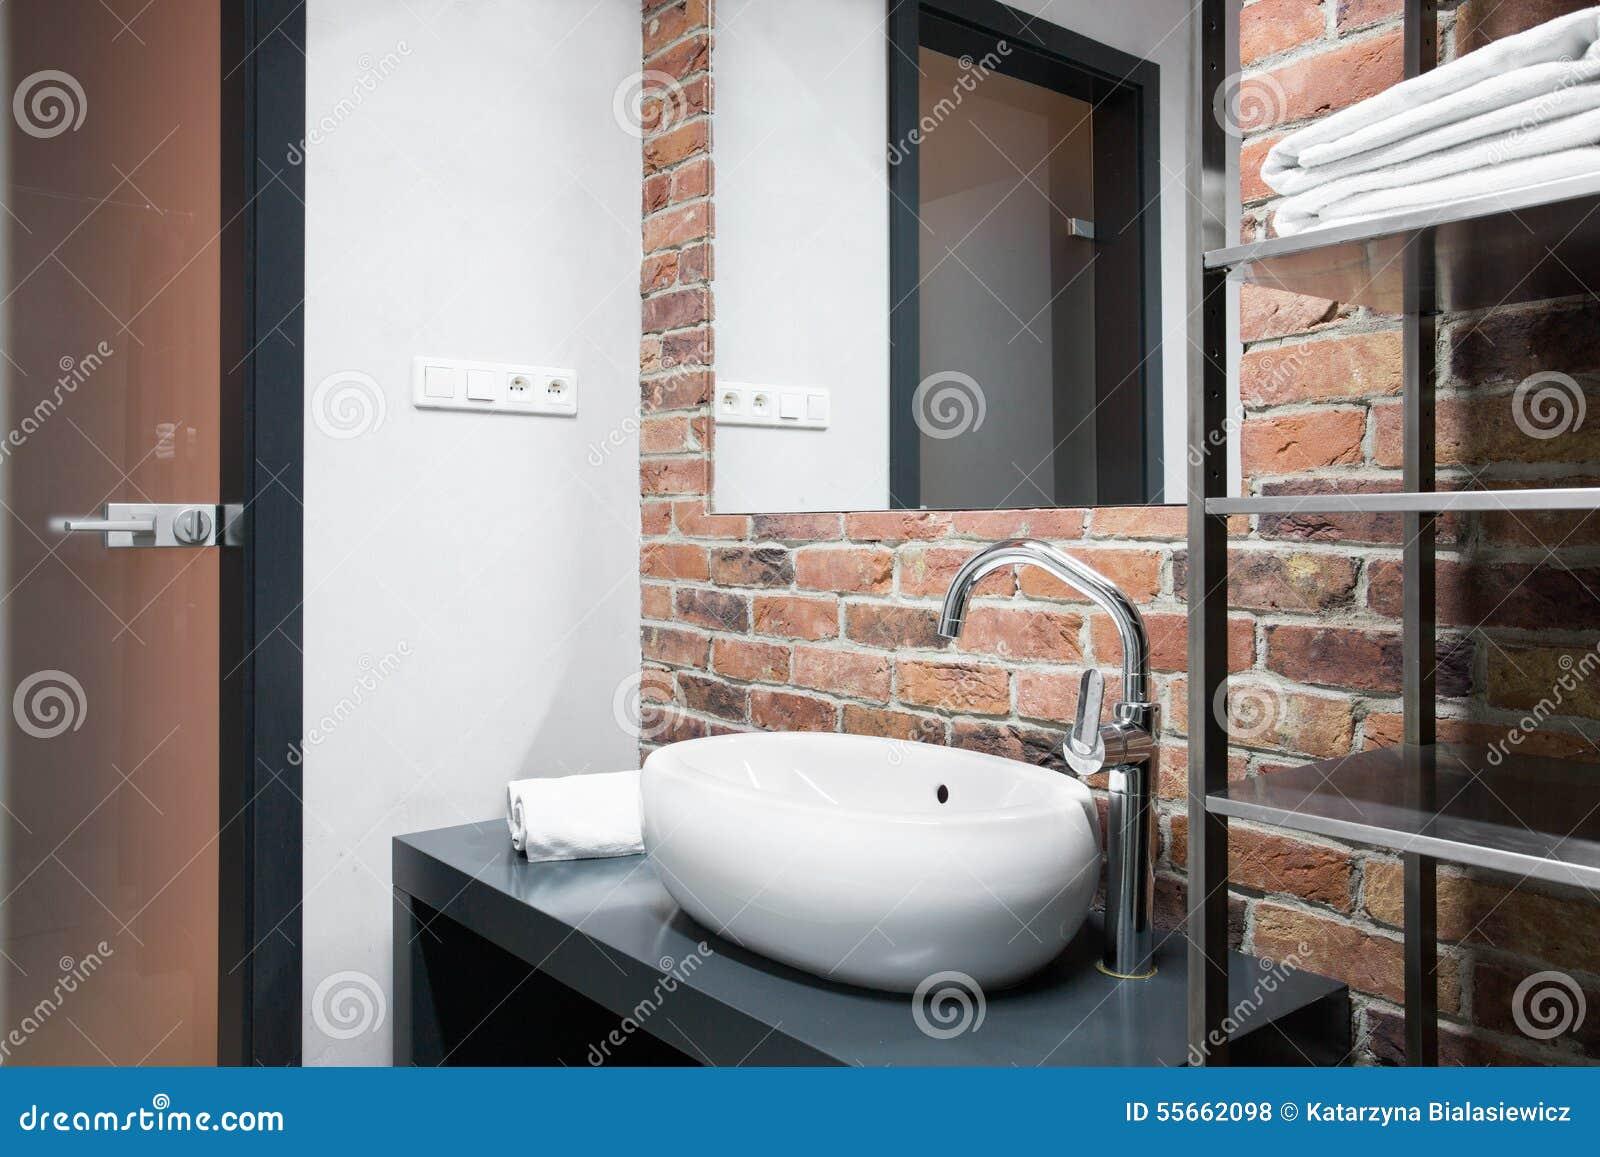 Salle De Bain Brique salle de bains avec le mur de briques photo stock - image du